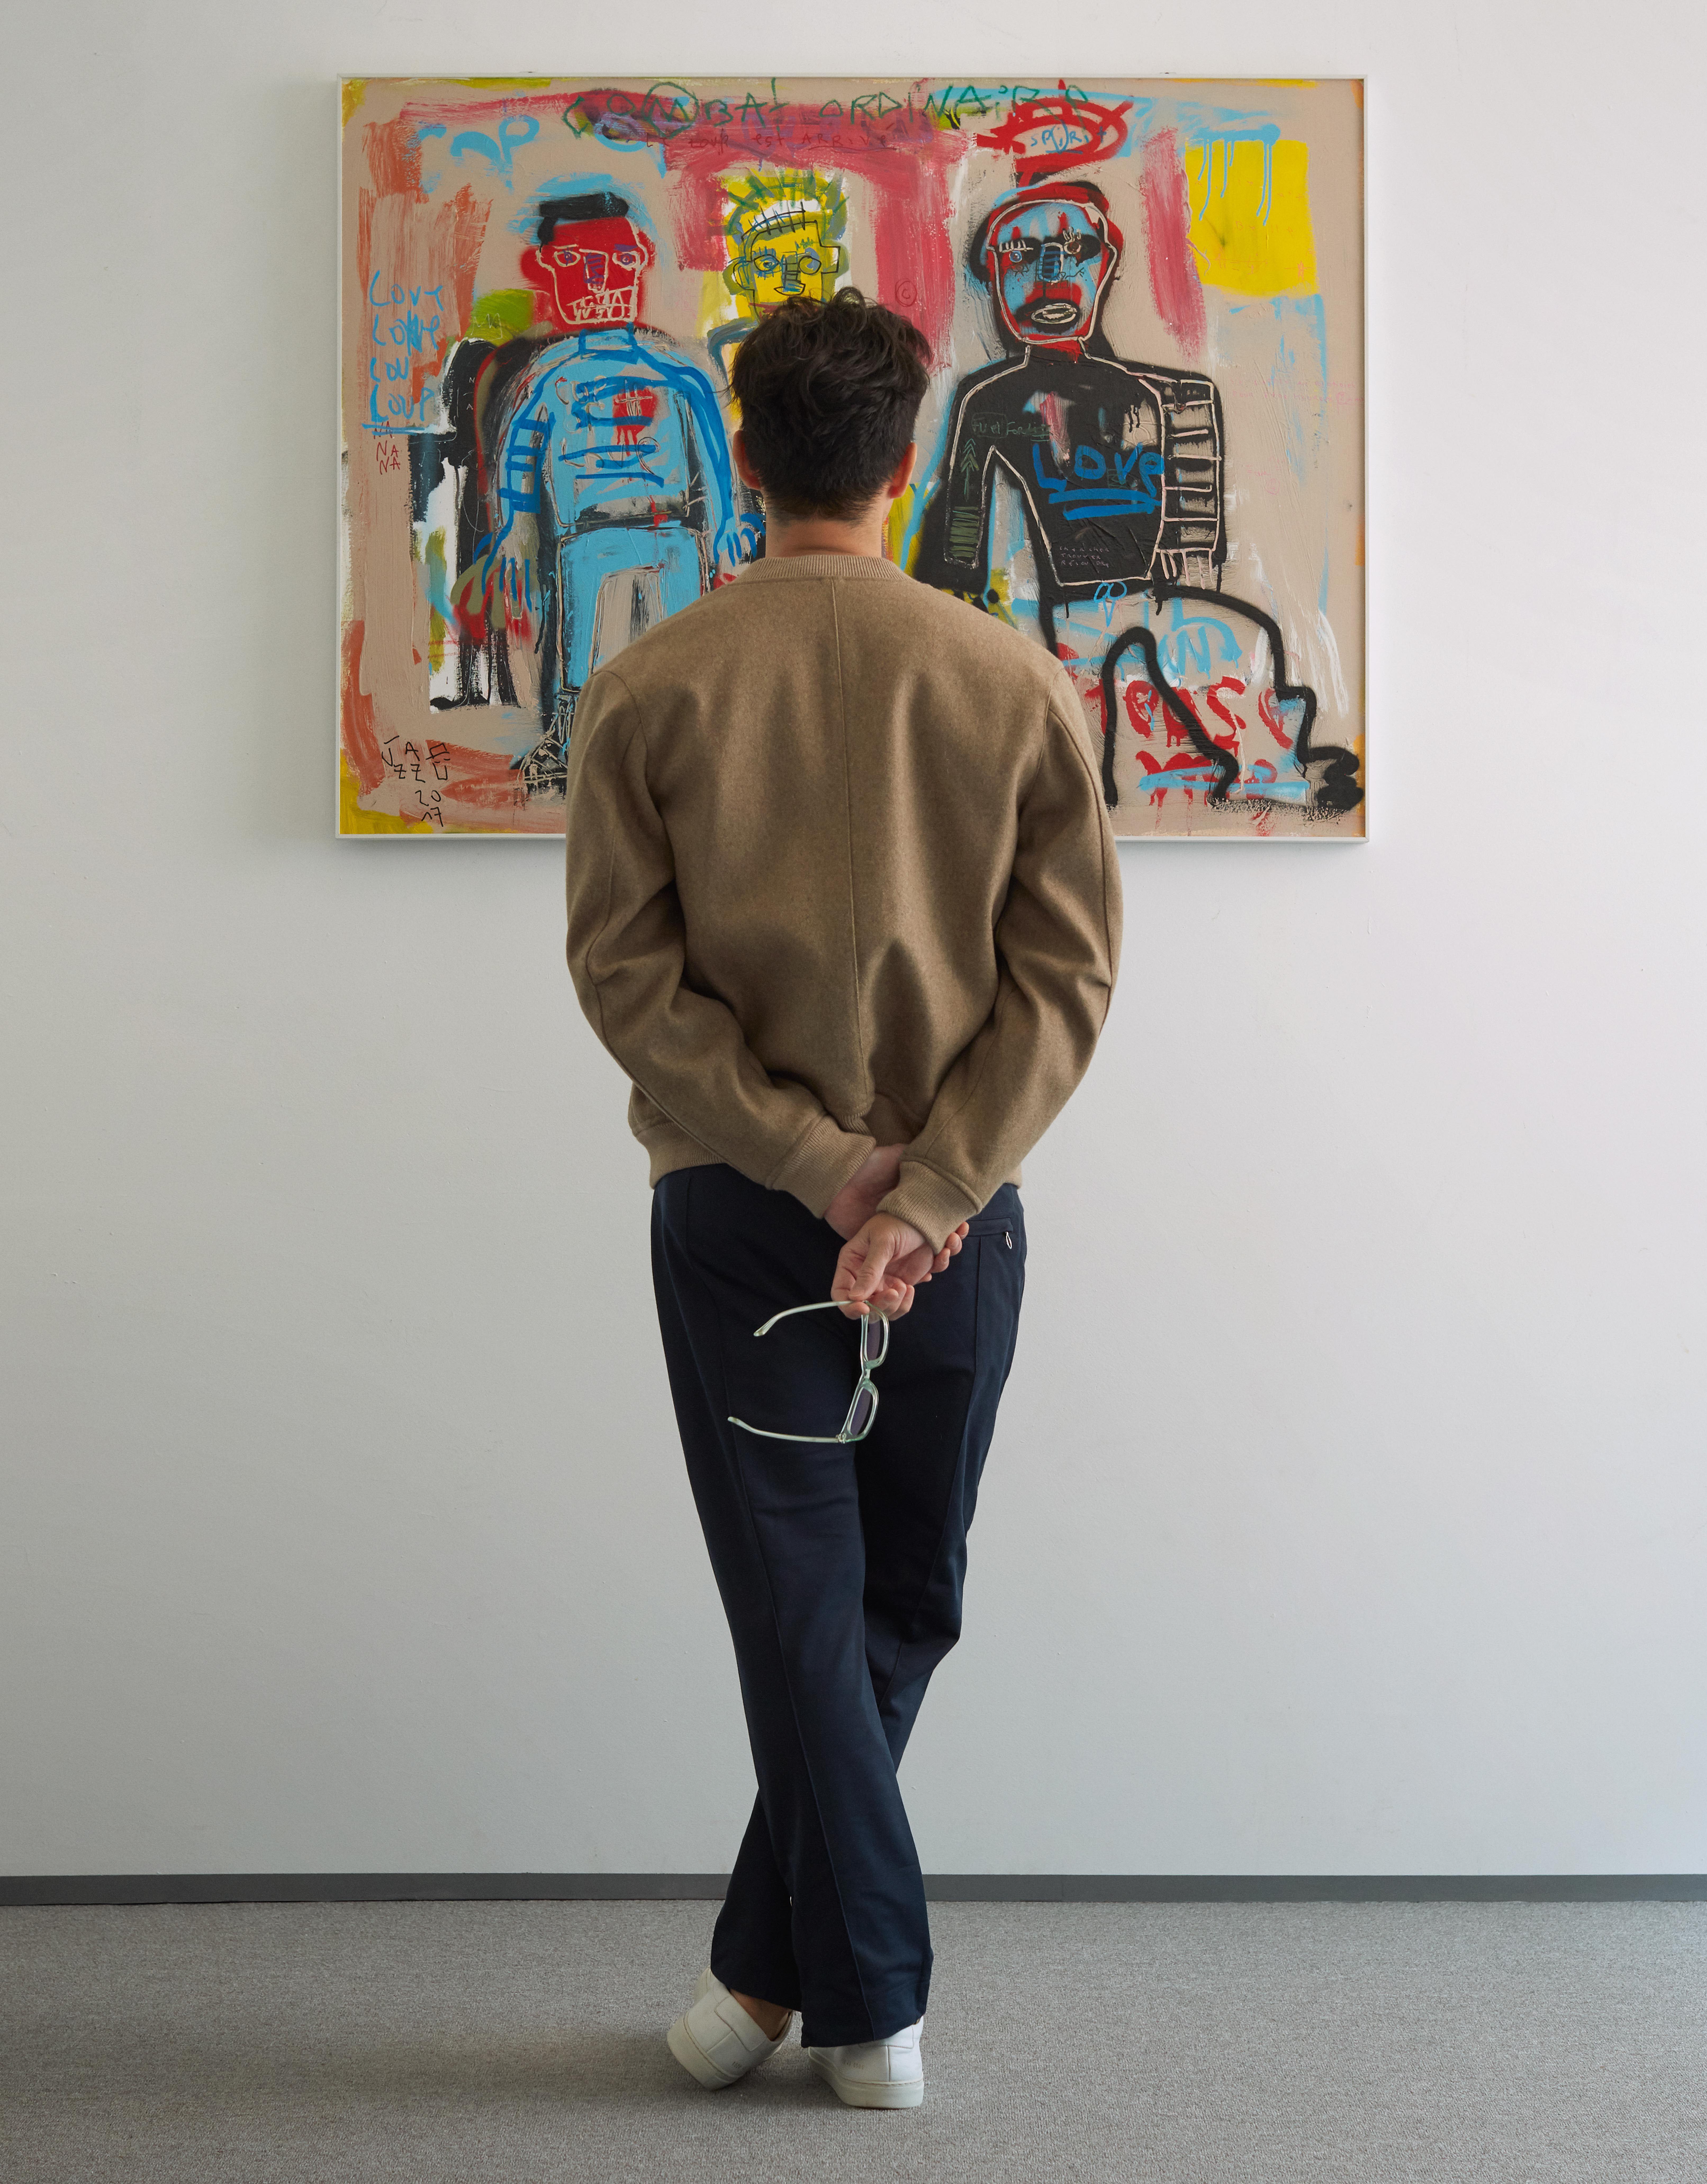 【專訪】「我確確實實跟藝術家交流過,這樣的意義超出作品本身可以表達的。」非典型藏家丁春誠的收藏心法